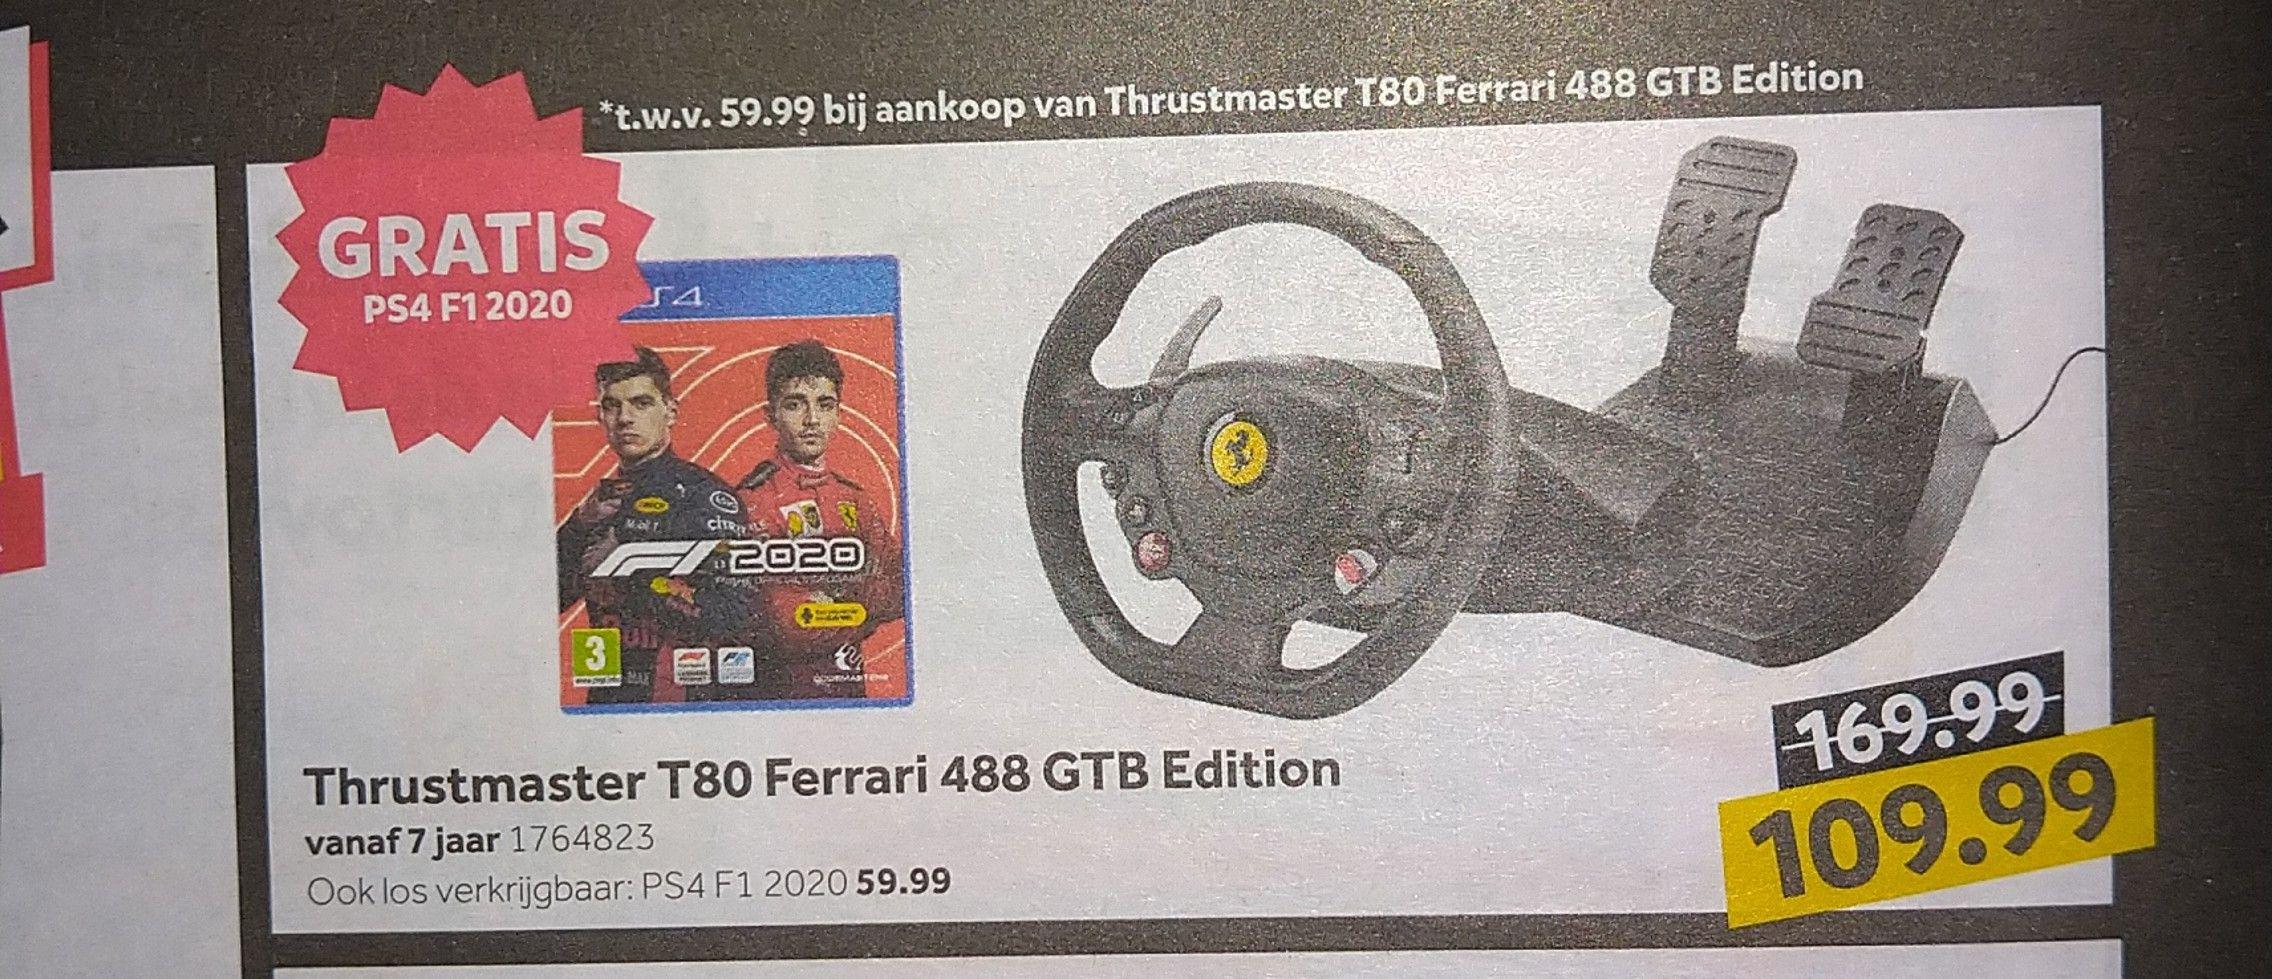 Gratis game bij aankoop van Thrustmaster T80 Ferrari 488 GTB Edition @intertoys